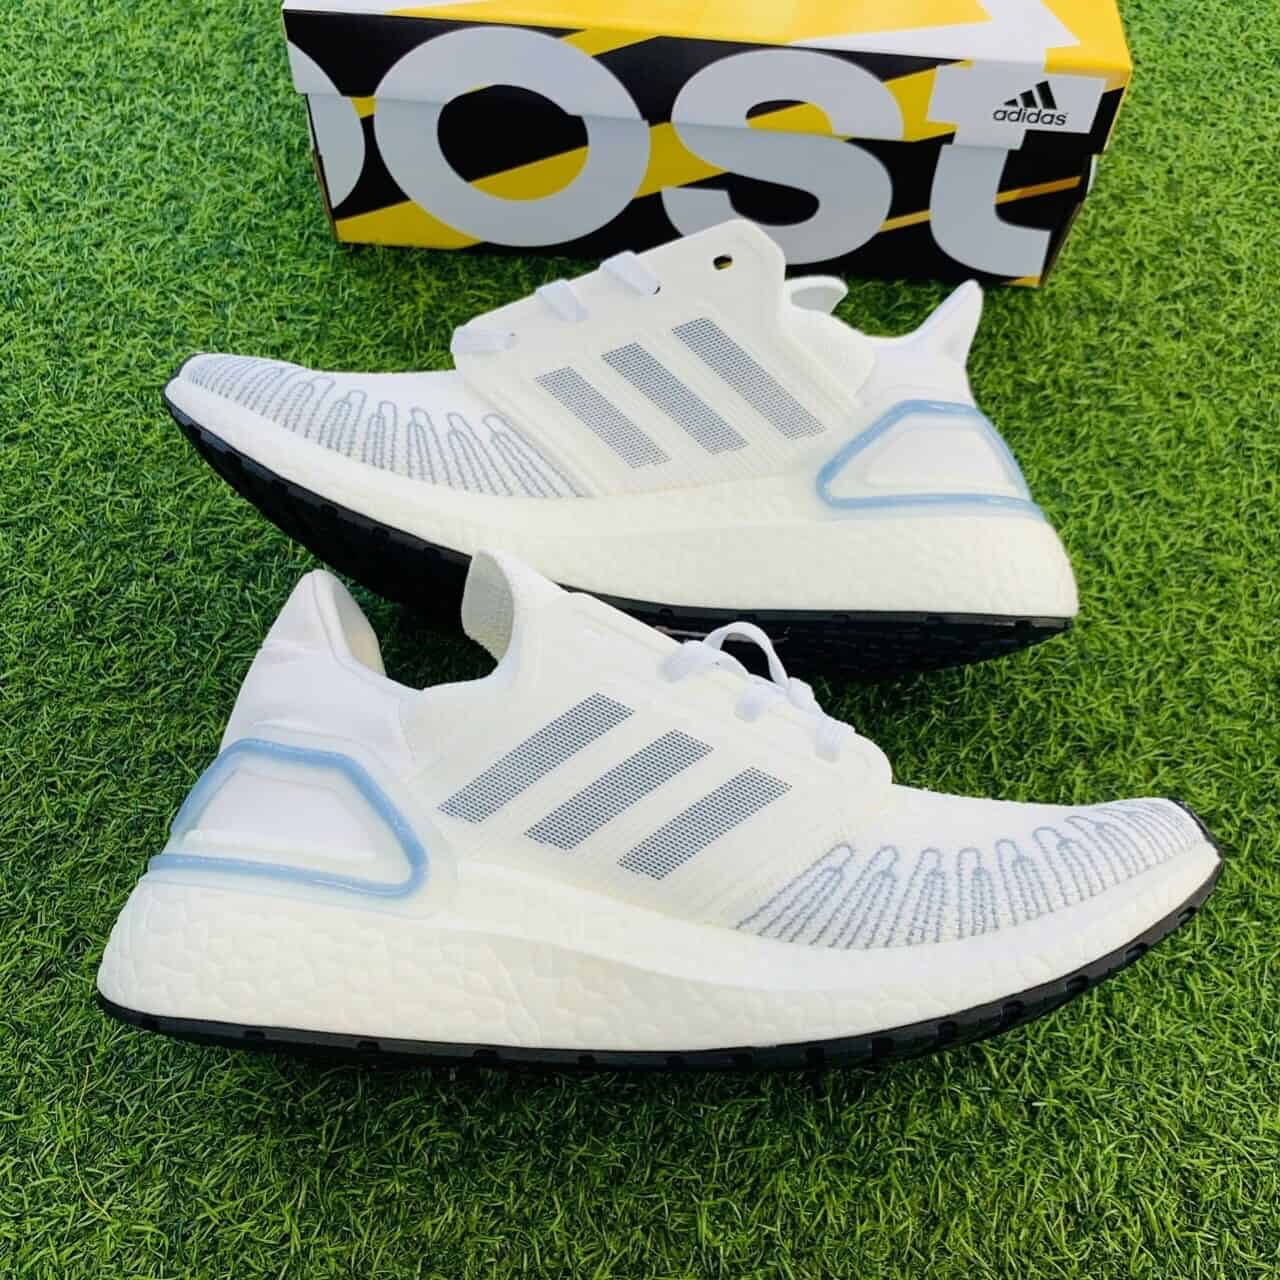 Giày Adidas Ultra Boost 6.0 trắng xanh